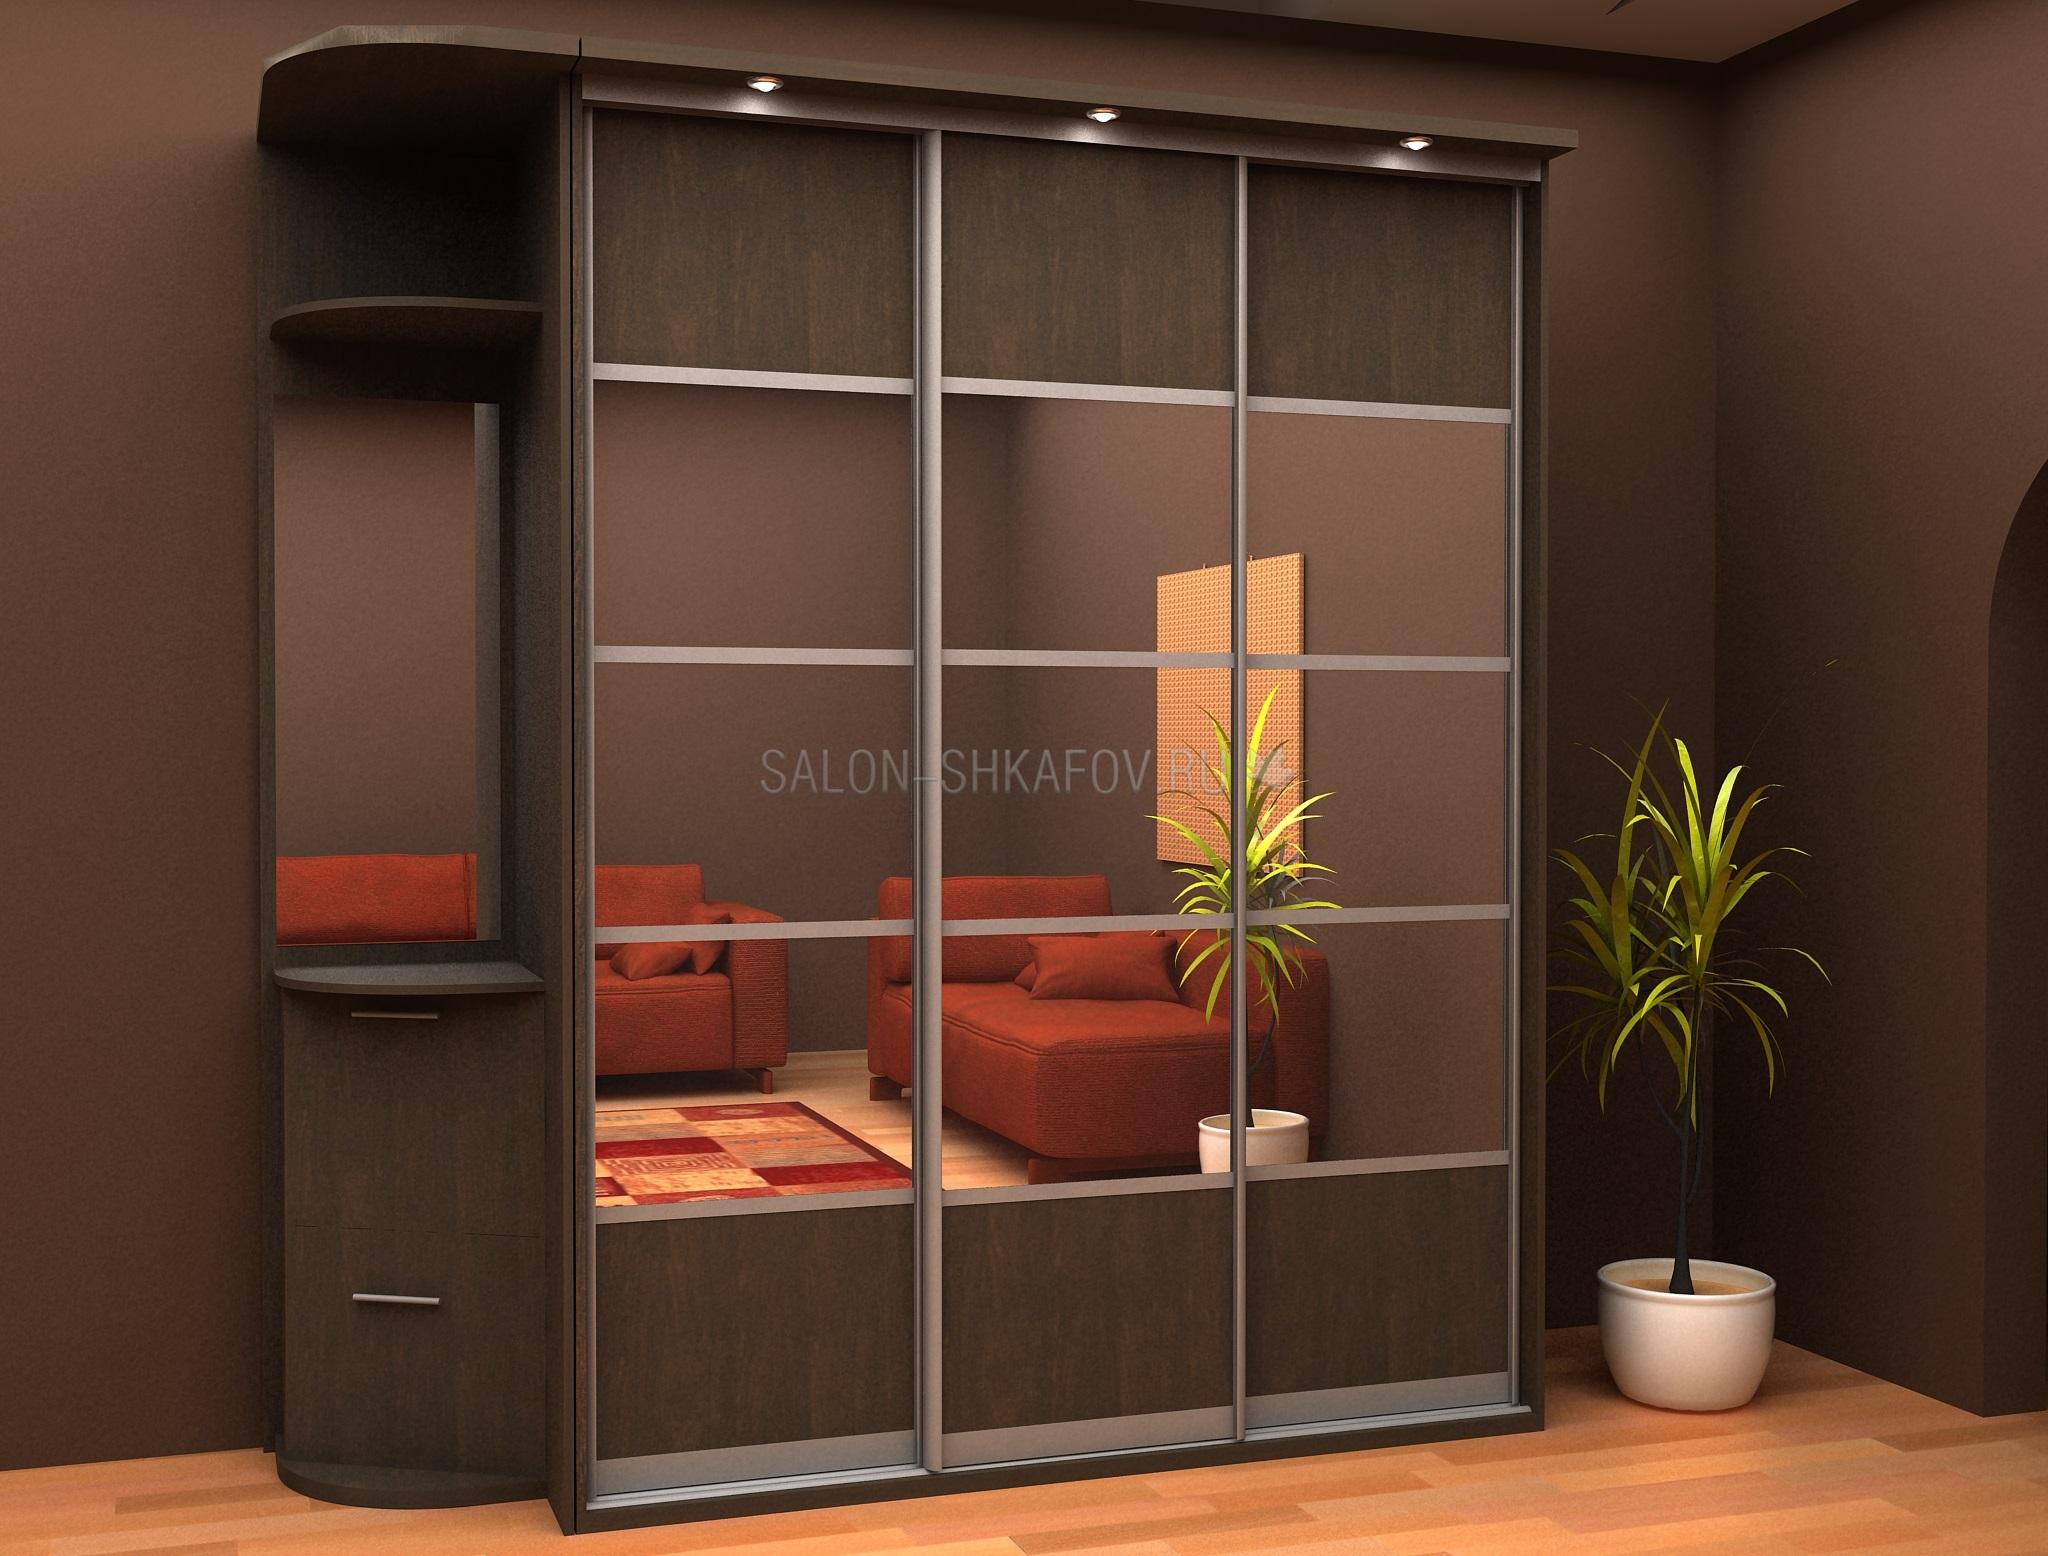 Мебель на заказ по индивидуальному дизайну и размеру